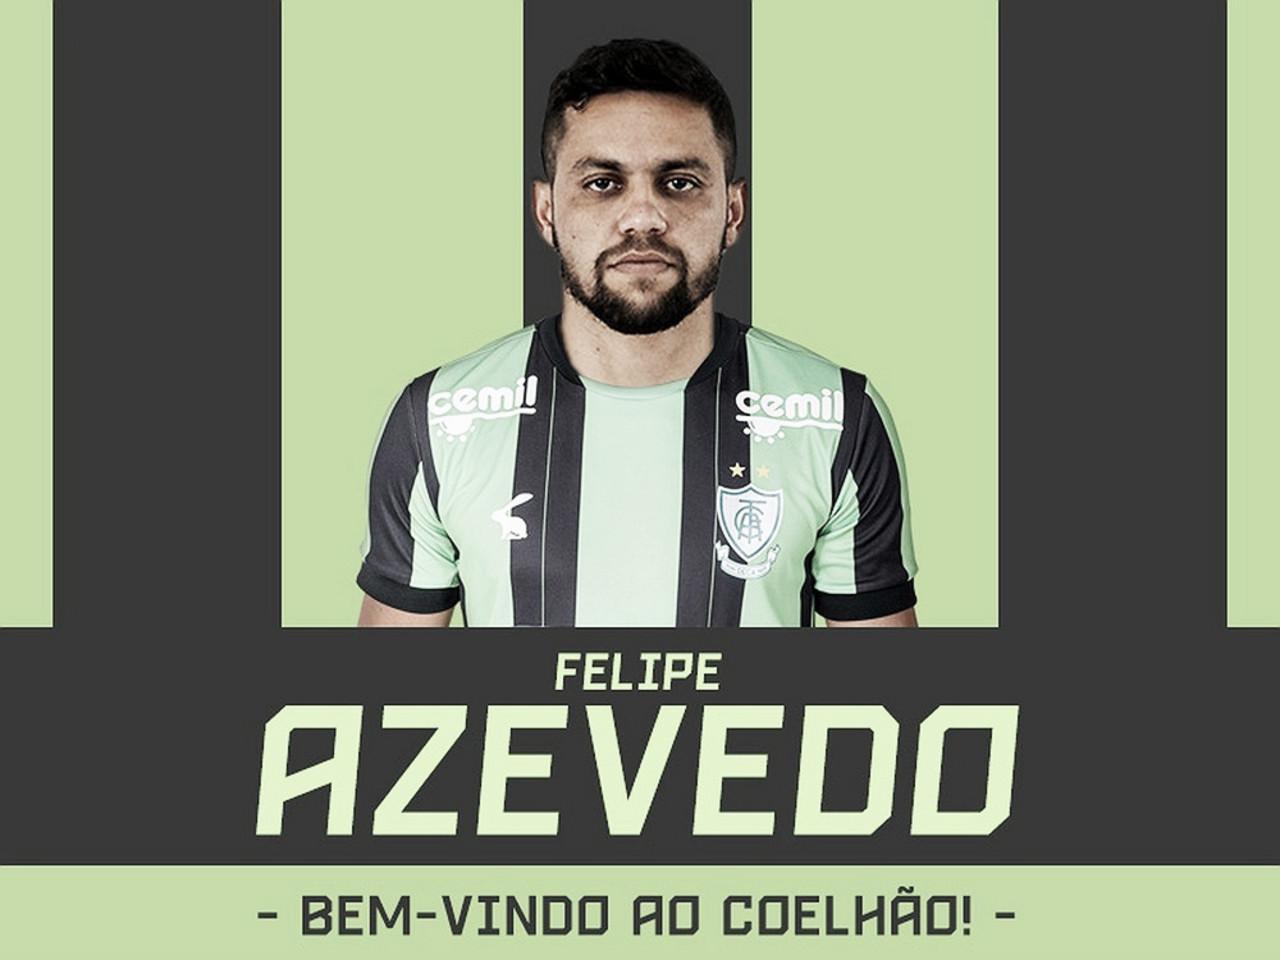 América-MG oficializa contratação do atacante Felipe Azevedo, ex-Ceará, por uma temporada